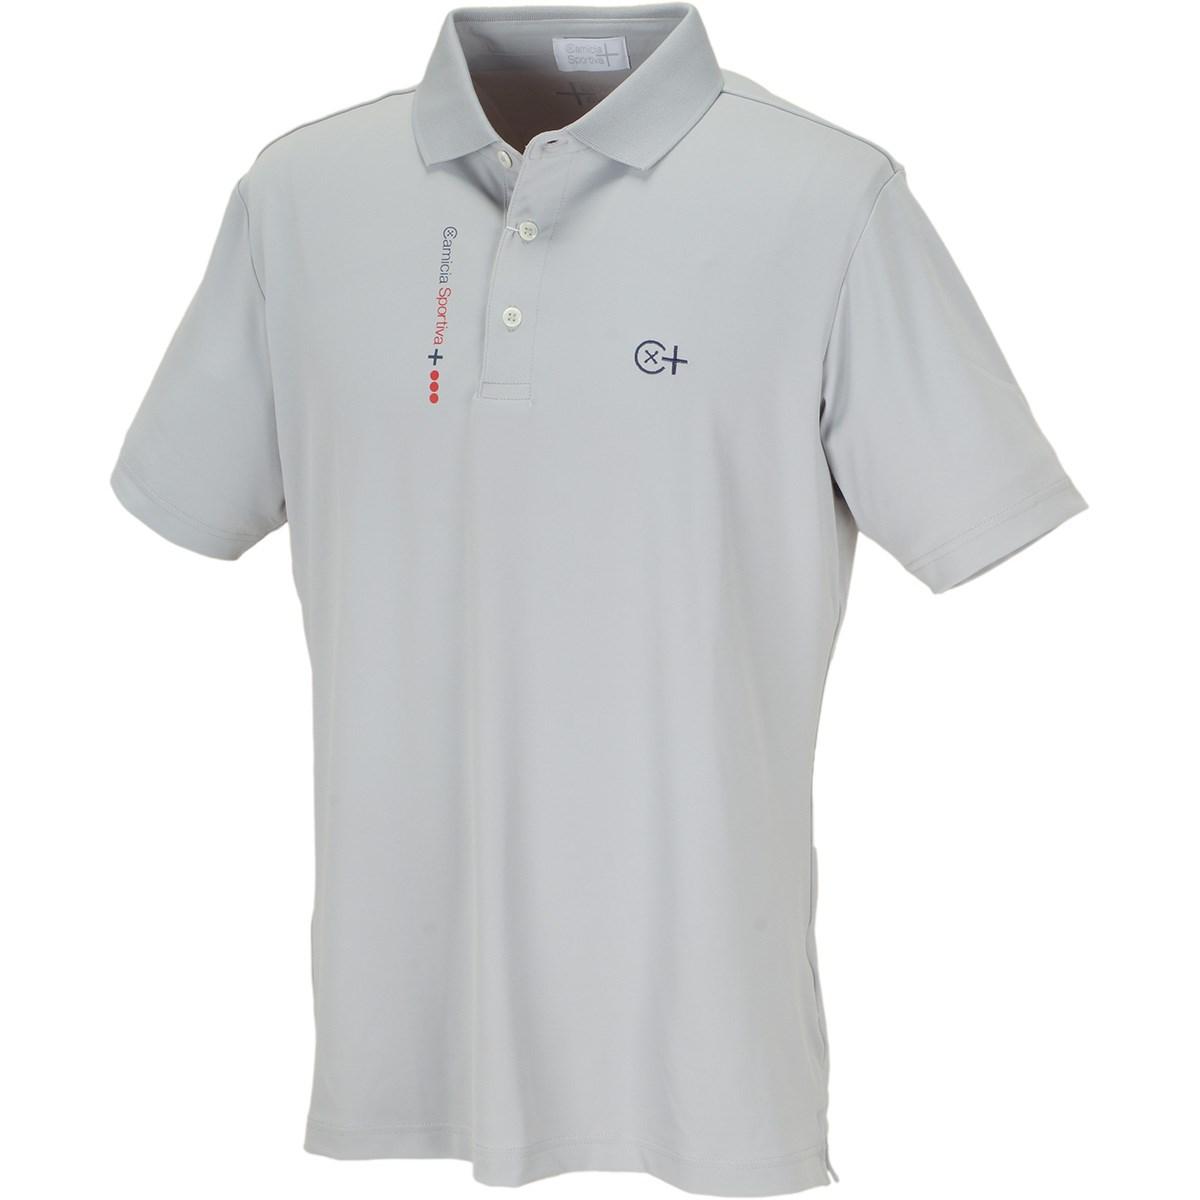 カミーチャスポルティーバプラス CamicaSportiva+ TWINCOT UV半袖ポロシャツ 48 シルバーグレー